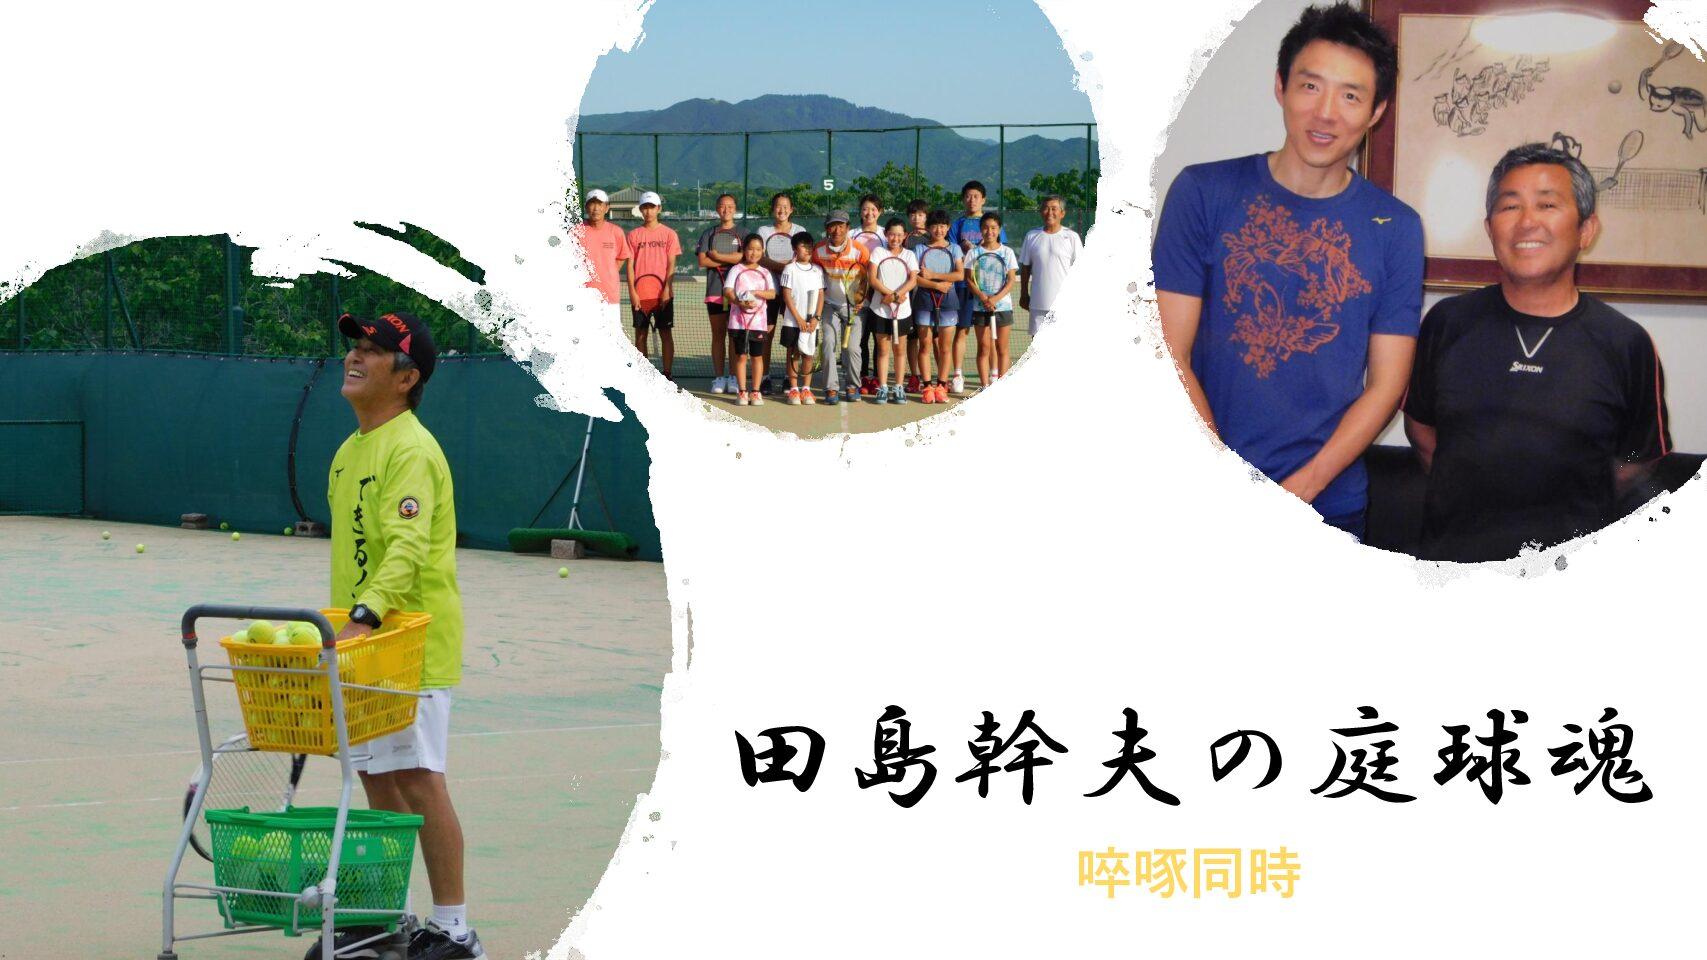 田島幹夫の庭球魂